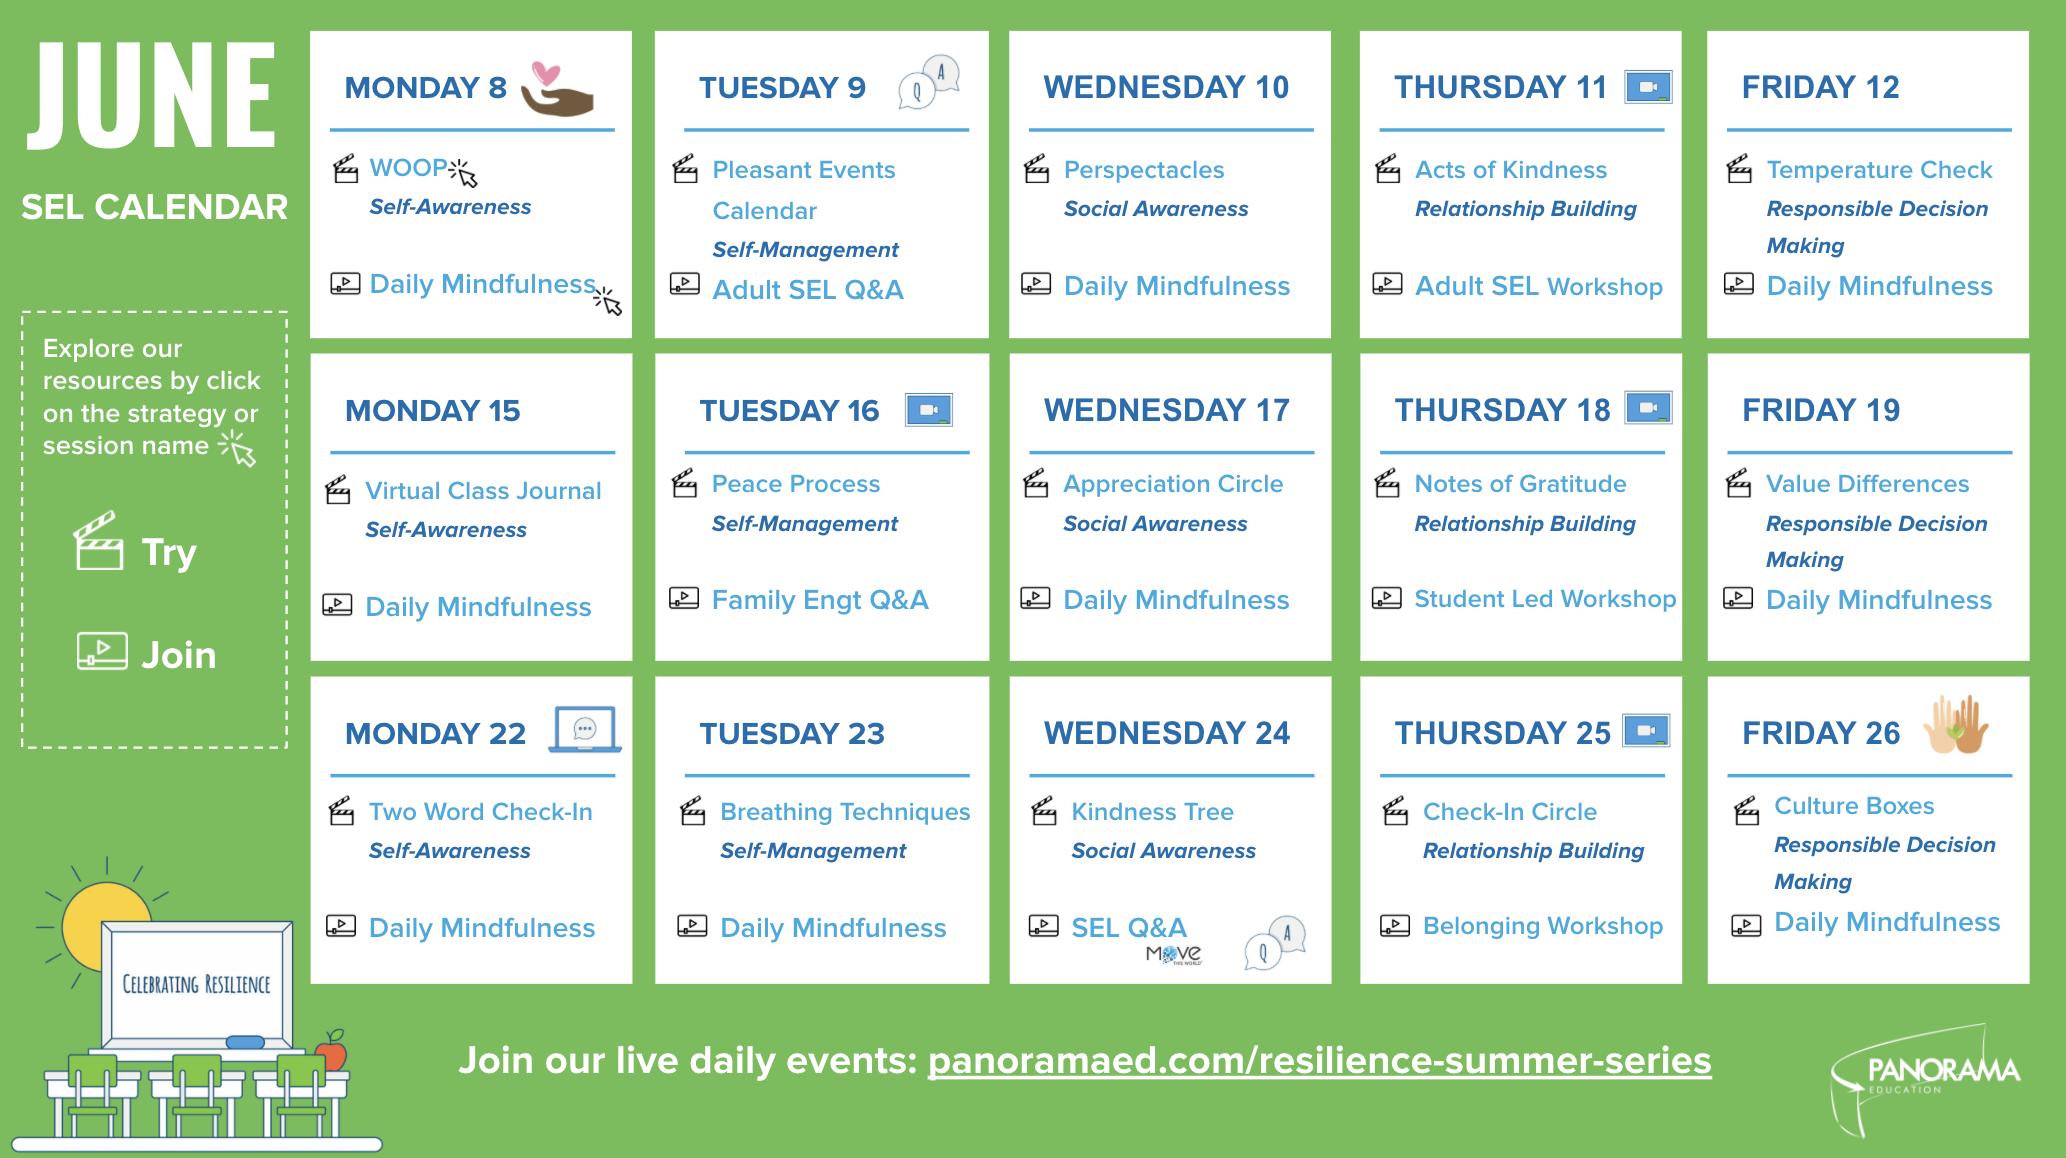 June SEL Calendar